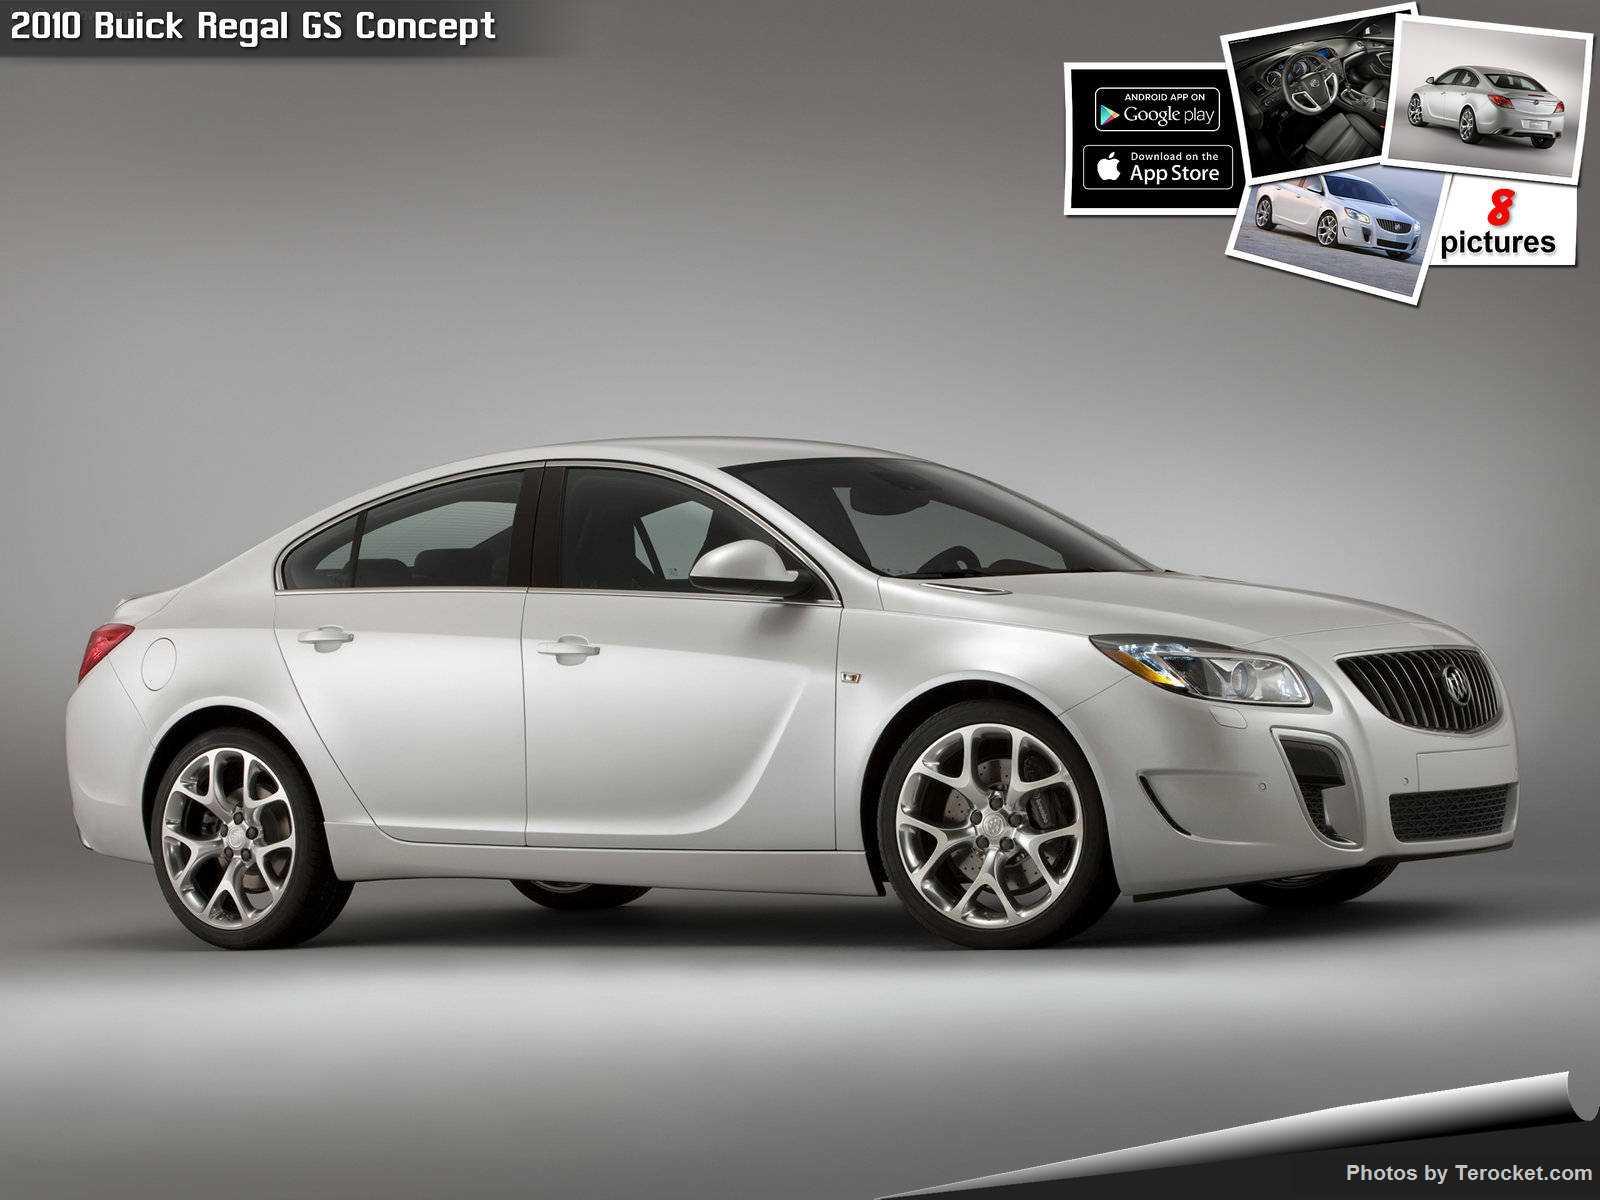 Hình ảnh xe ô tô Buick Regal GS Concept 2010 & nội ngoại thất